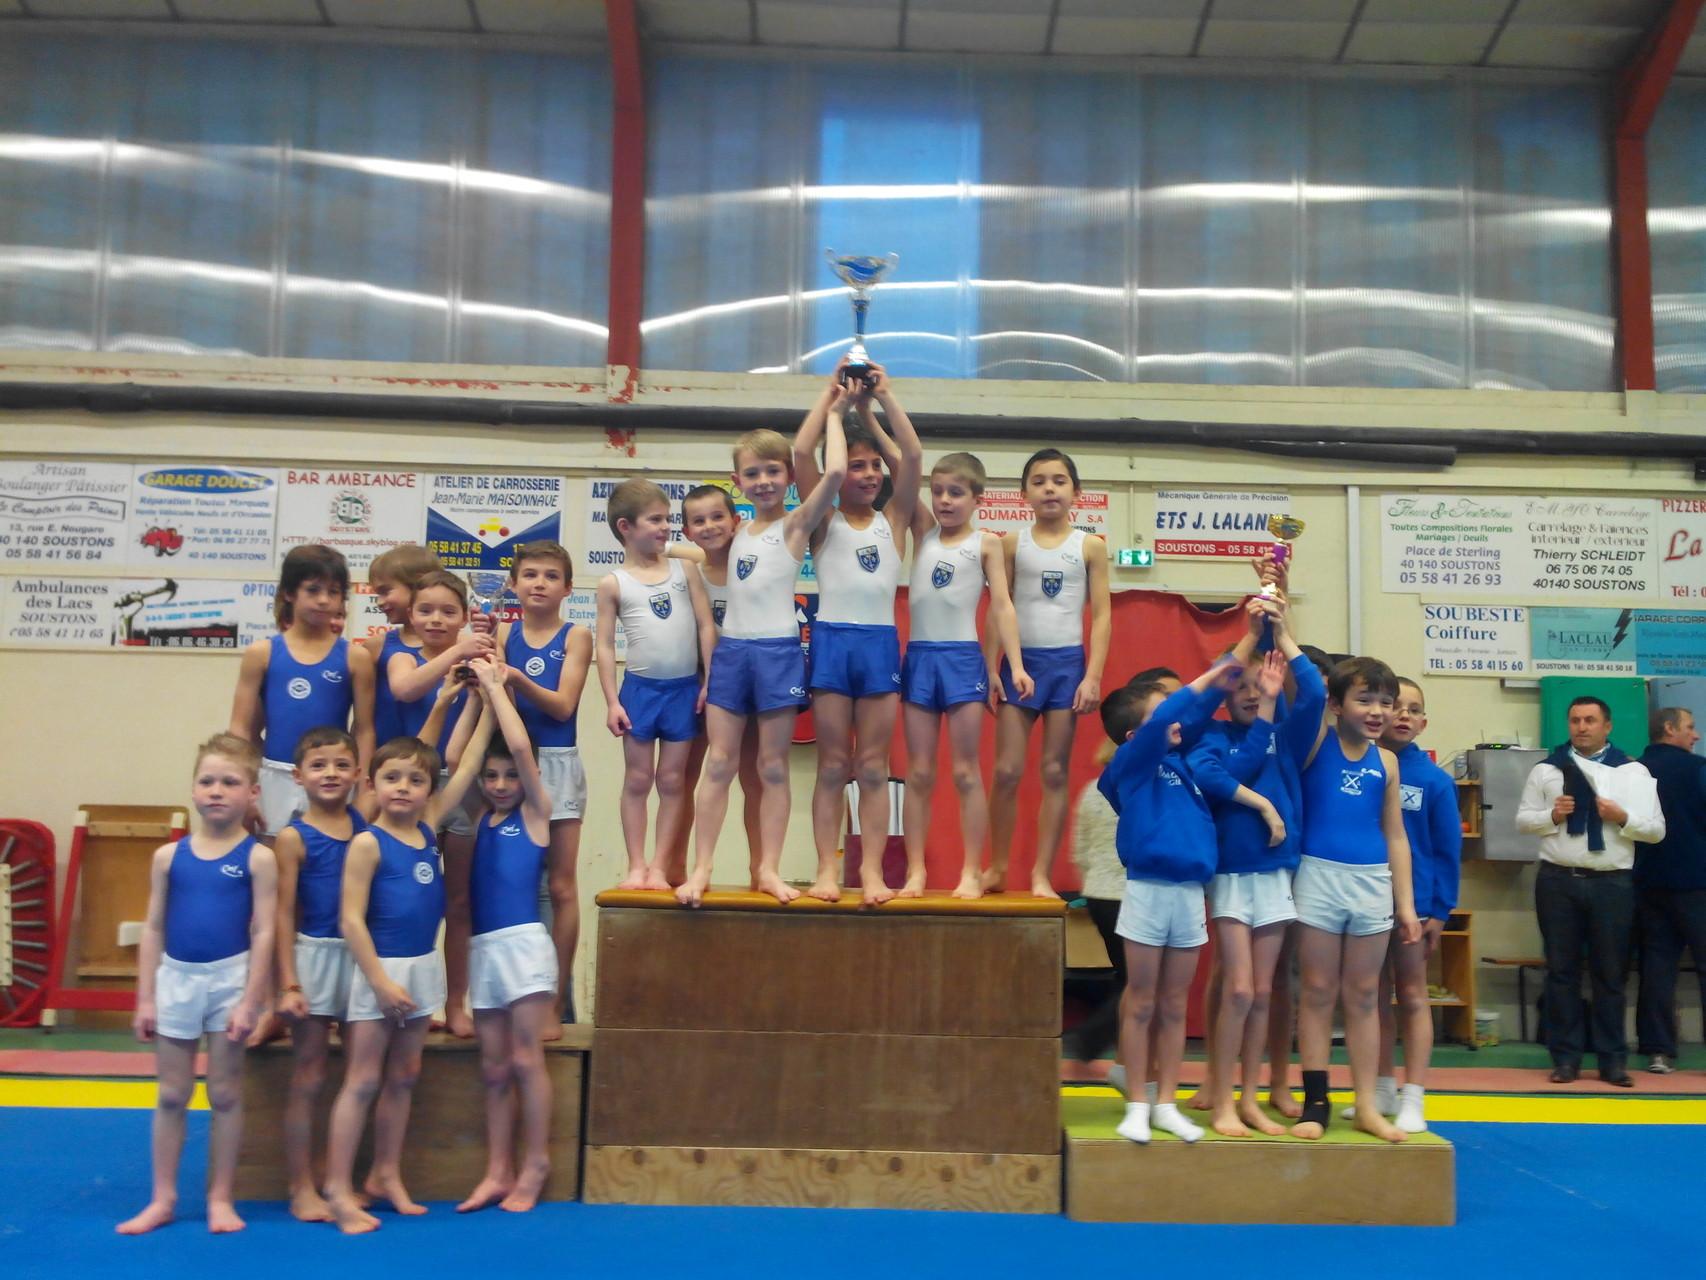 Podium équipes Poussins: 1er Jeanne d'Arc de Dax, 2ème UG St Paul Lès Dax, 3ème Croisés de Bayonne